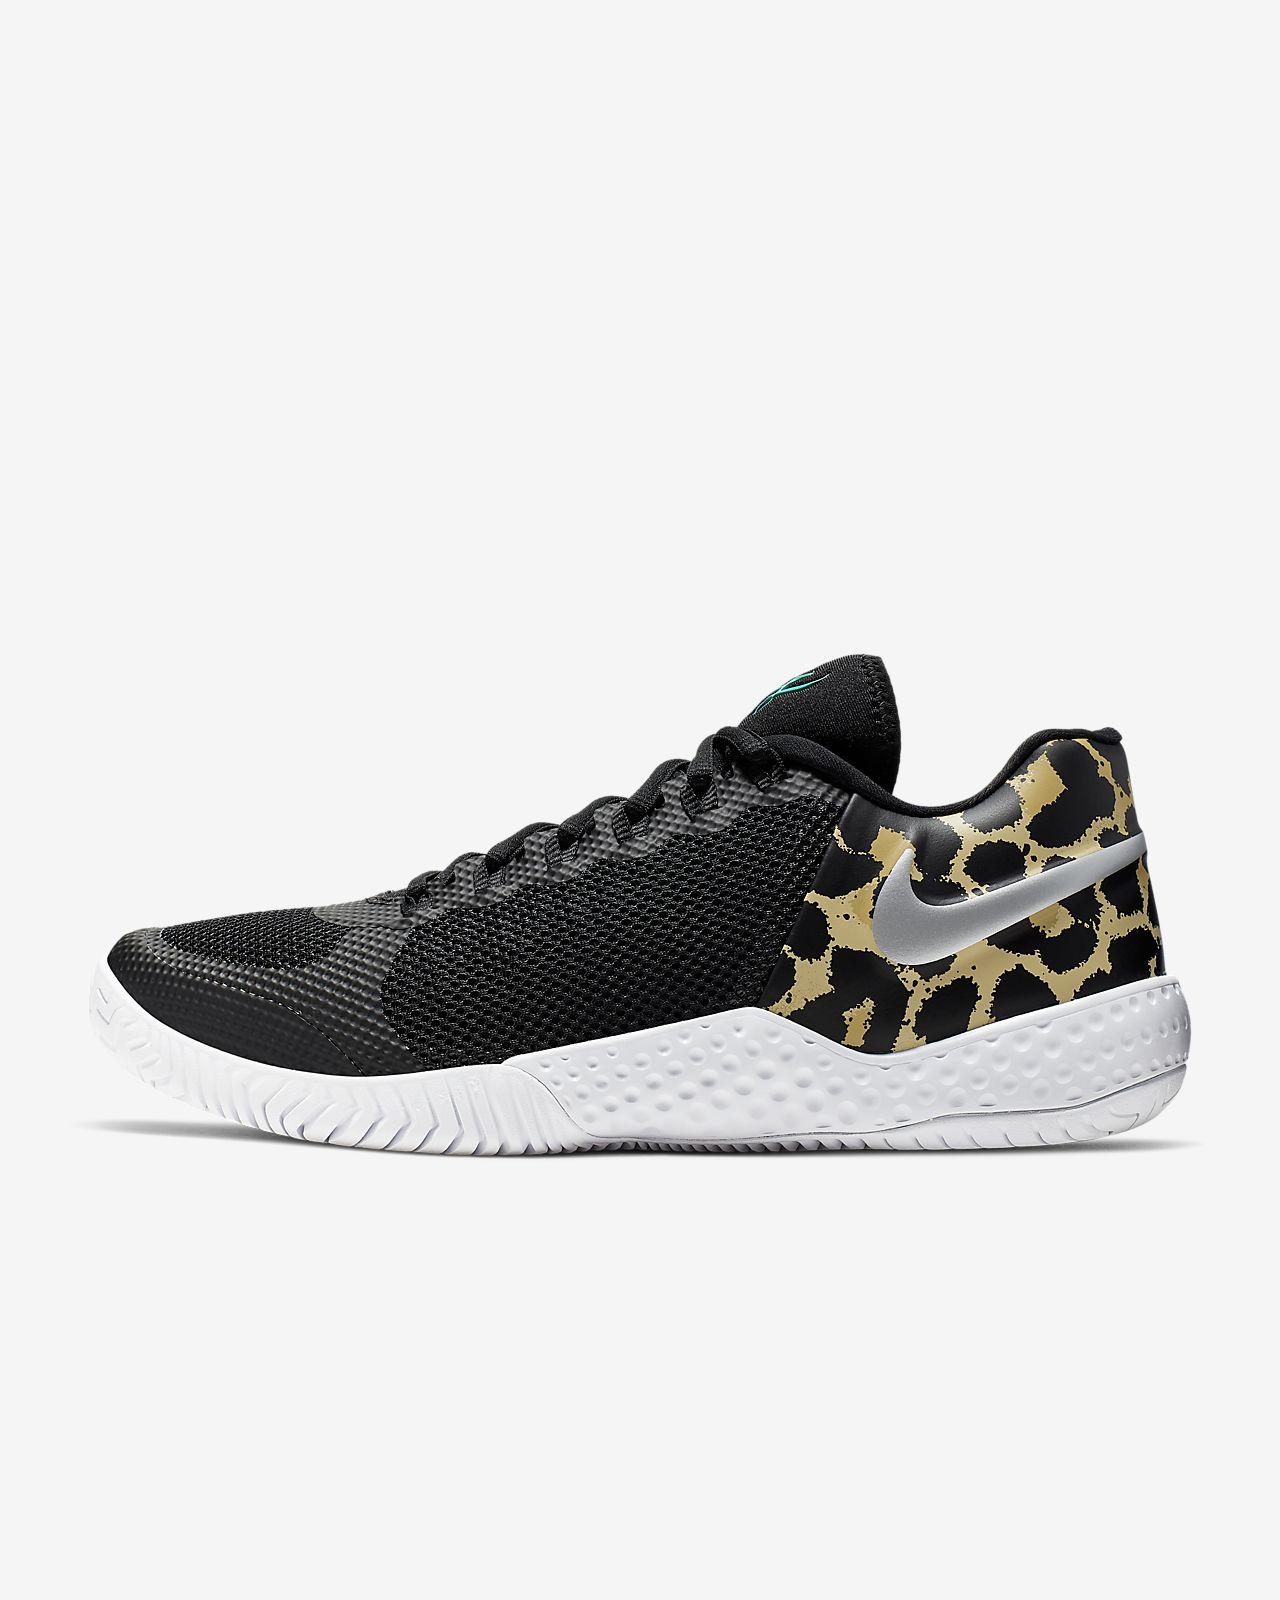 Chaussure de tennis pour surface dure NikeCourt Flare 2 pour Femme